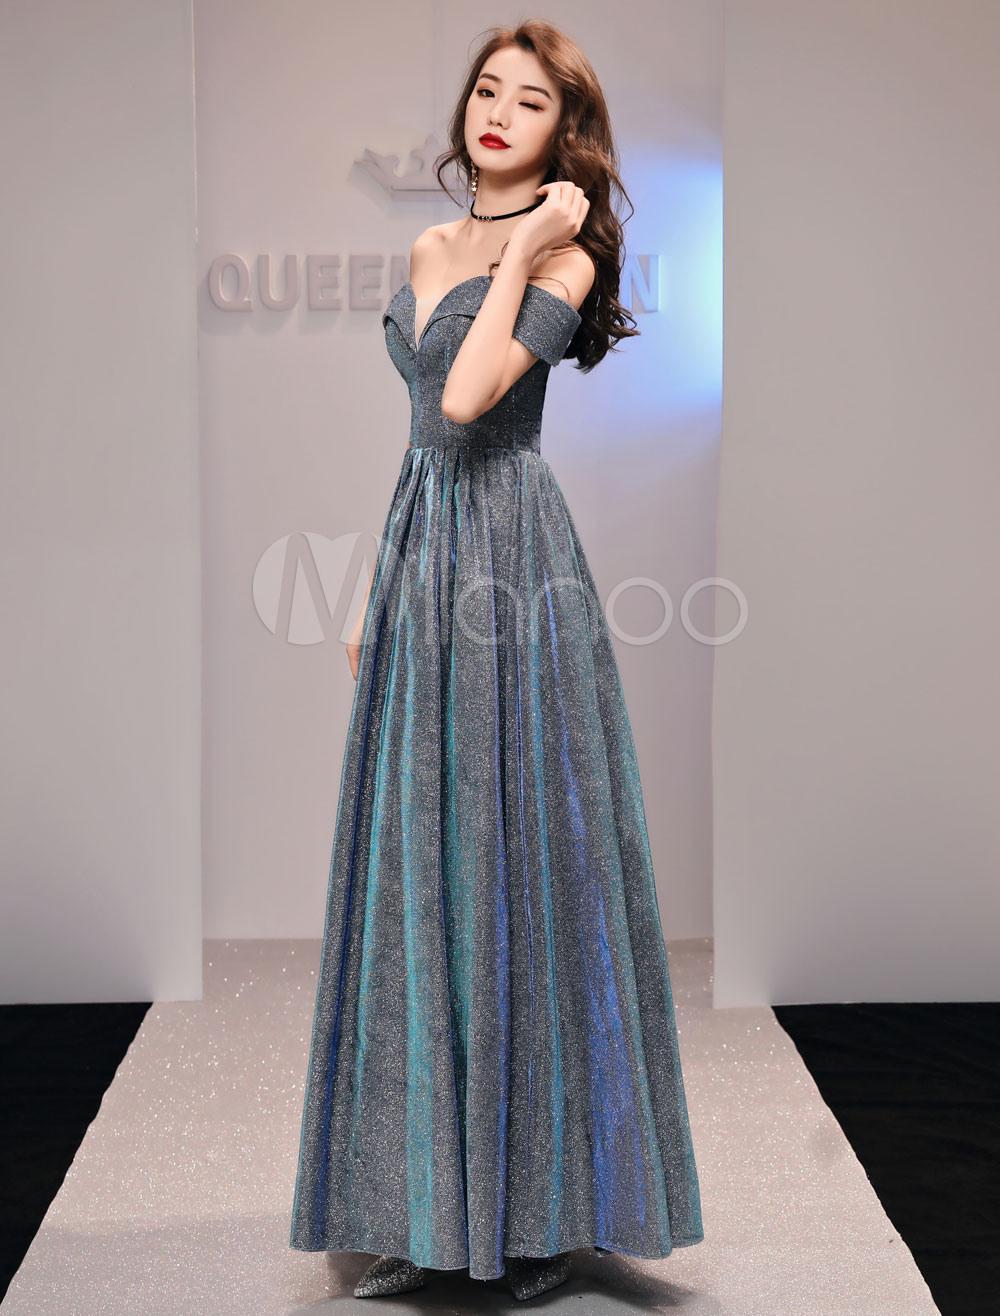 17 Schön Abendkleid Maxi BoutiqueDesigner Genial Abendkleid Maxi Spezialgebiet